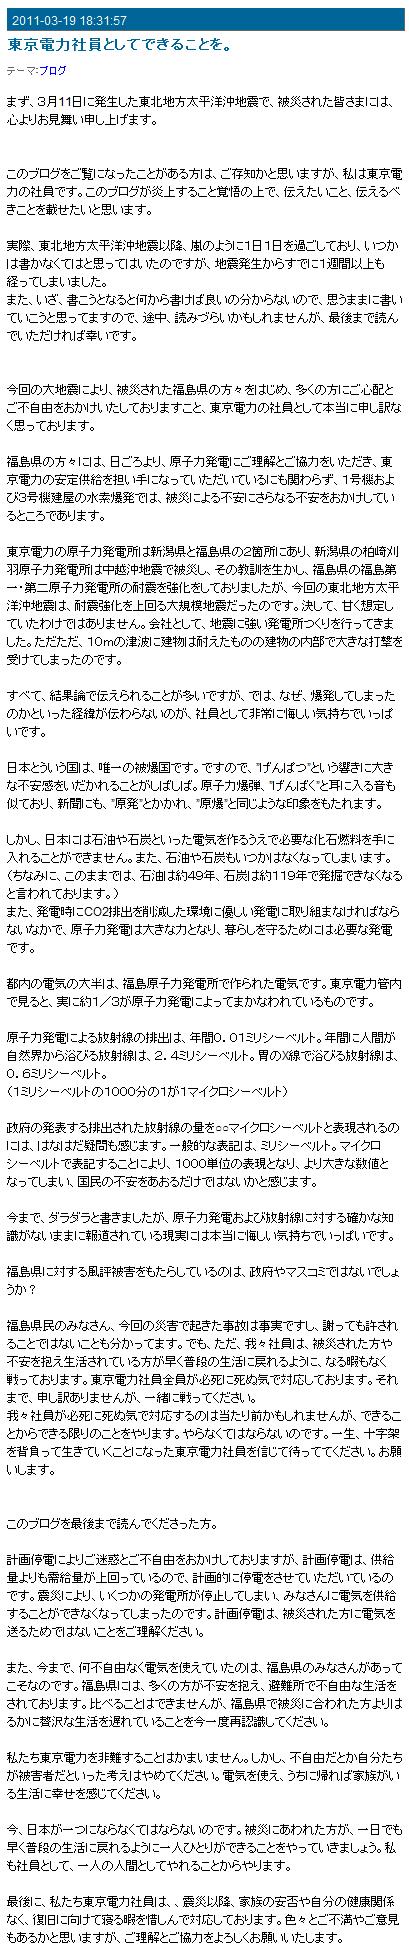 東電社員のブログ